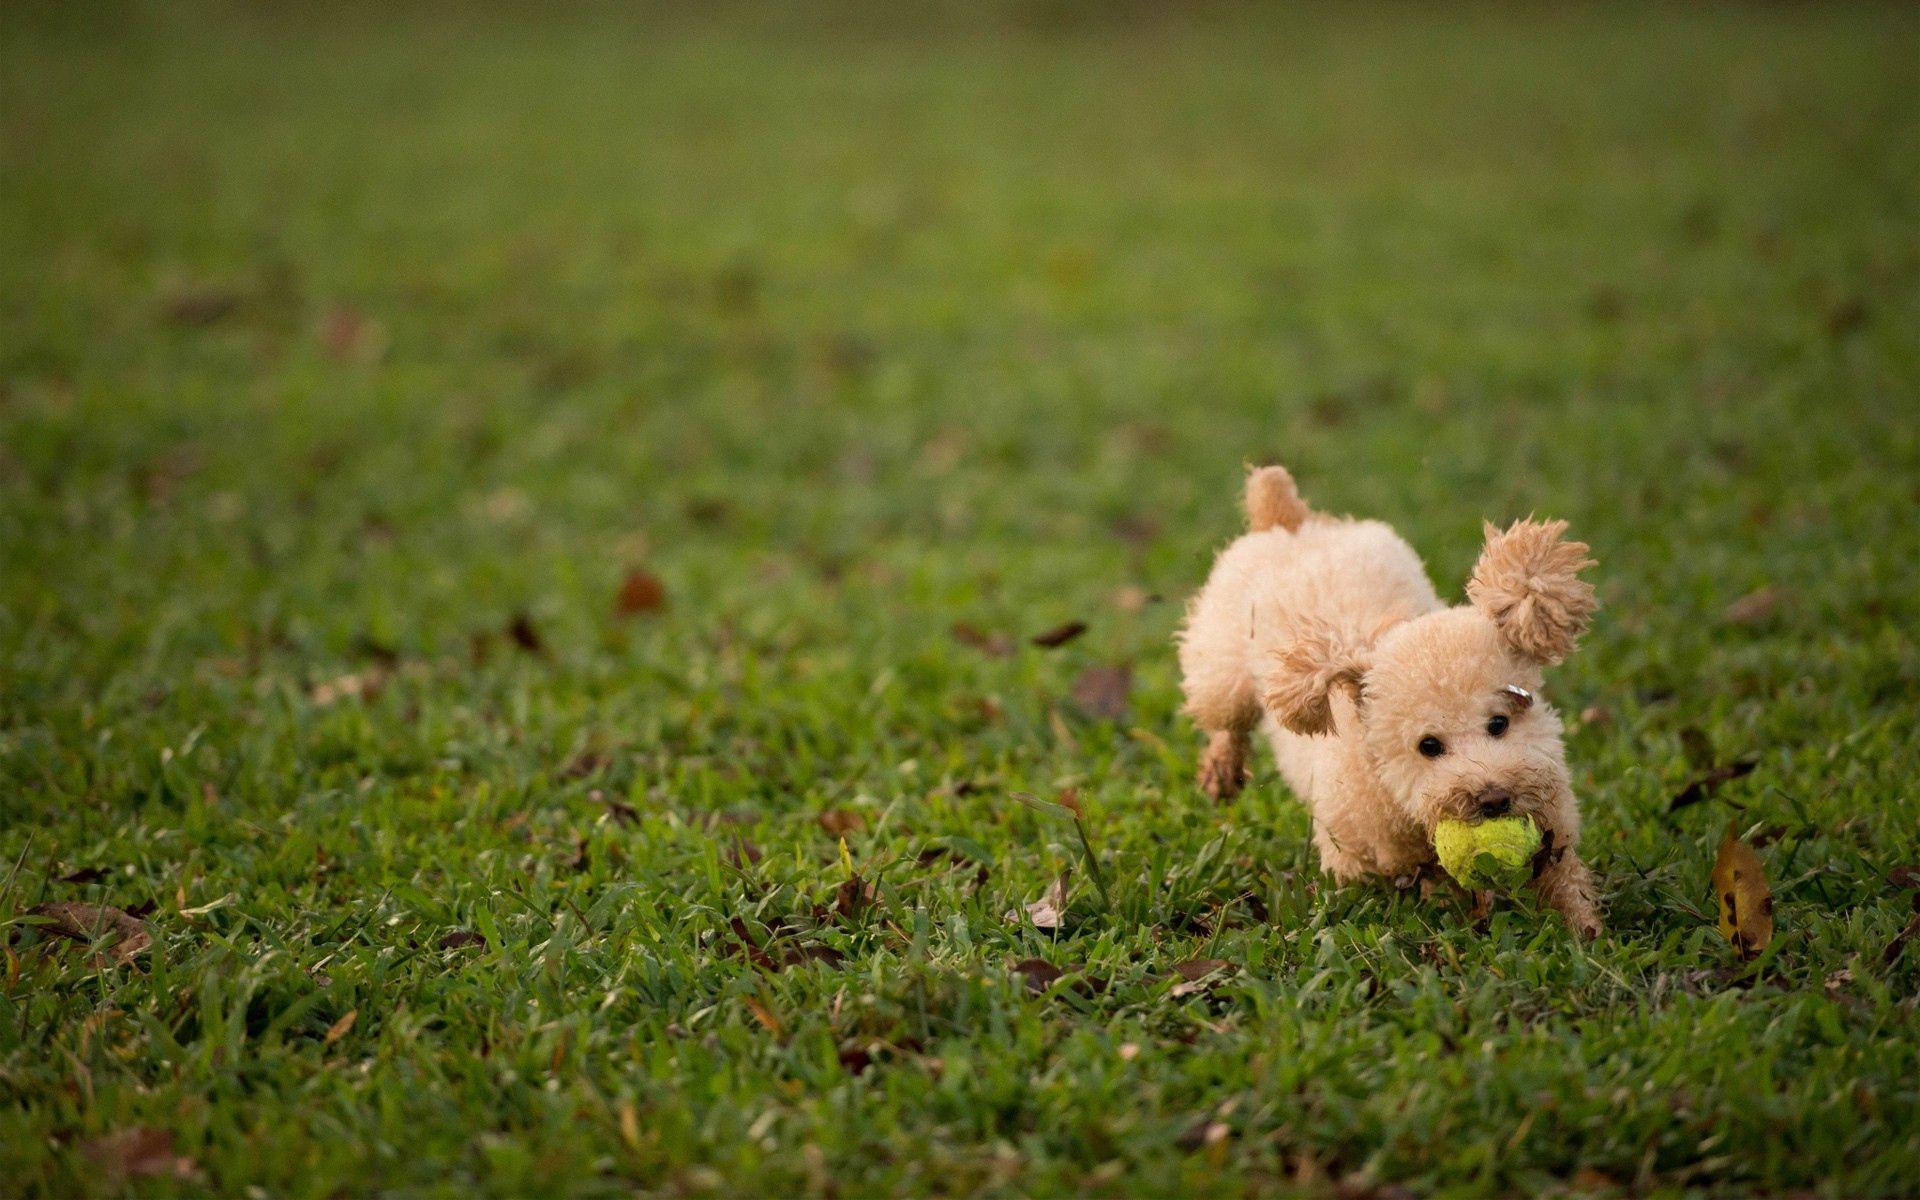 87164 скачать обои Животные, Собака, Трава, Мяч, Игрушка - заставки и картинки бесплатно